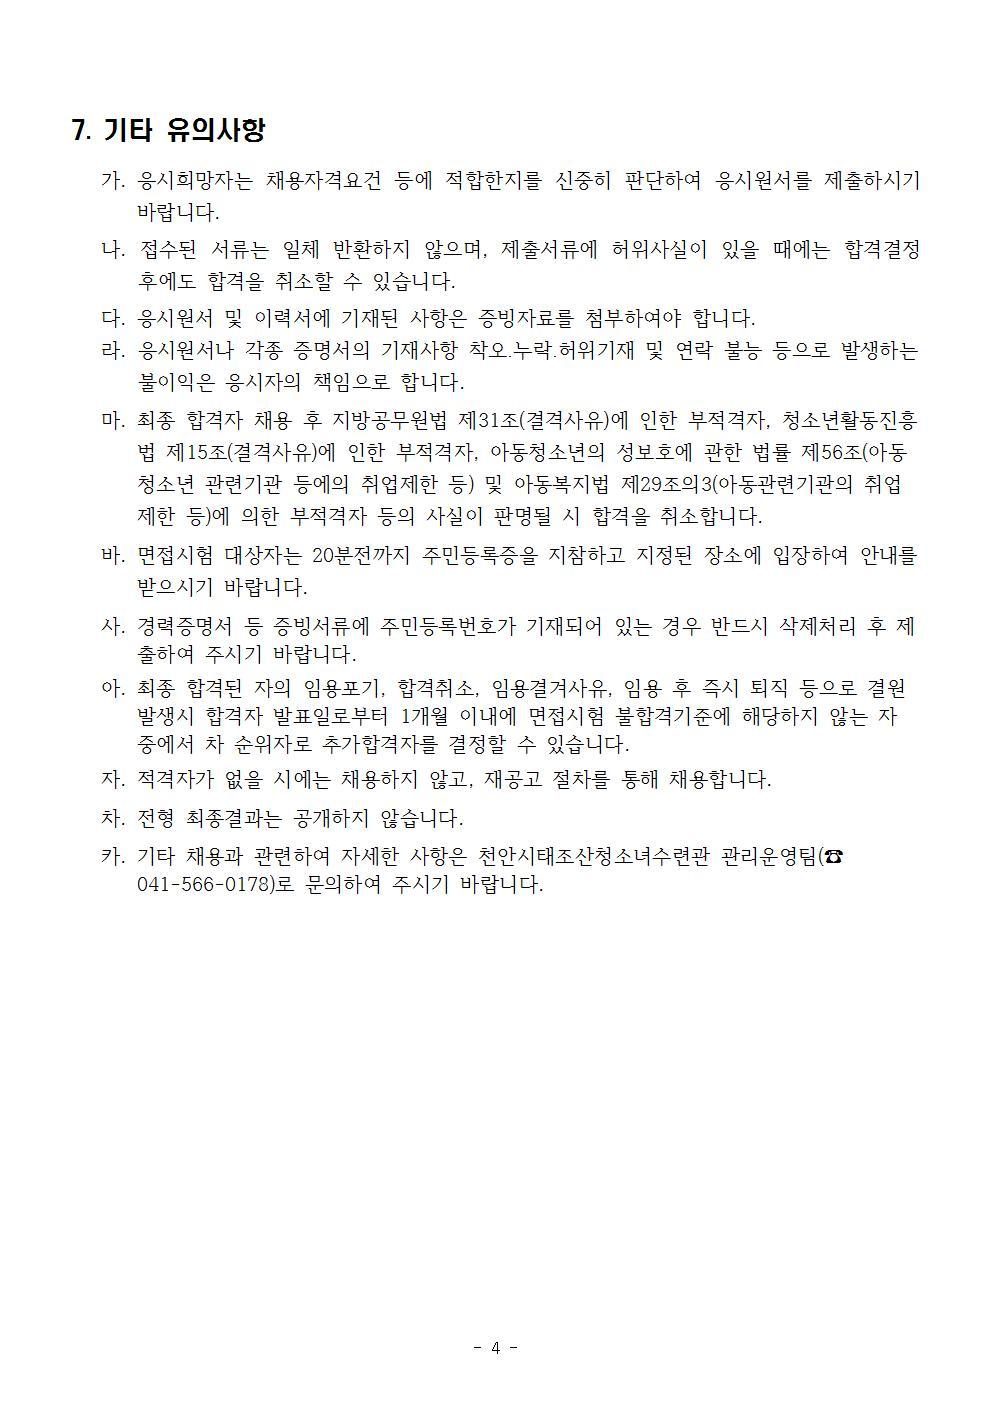 채용공고 - 배포용004.jpg